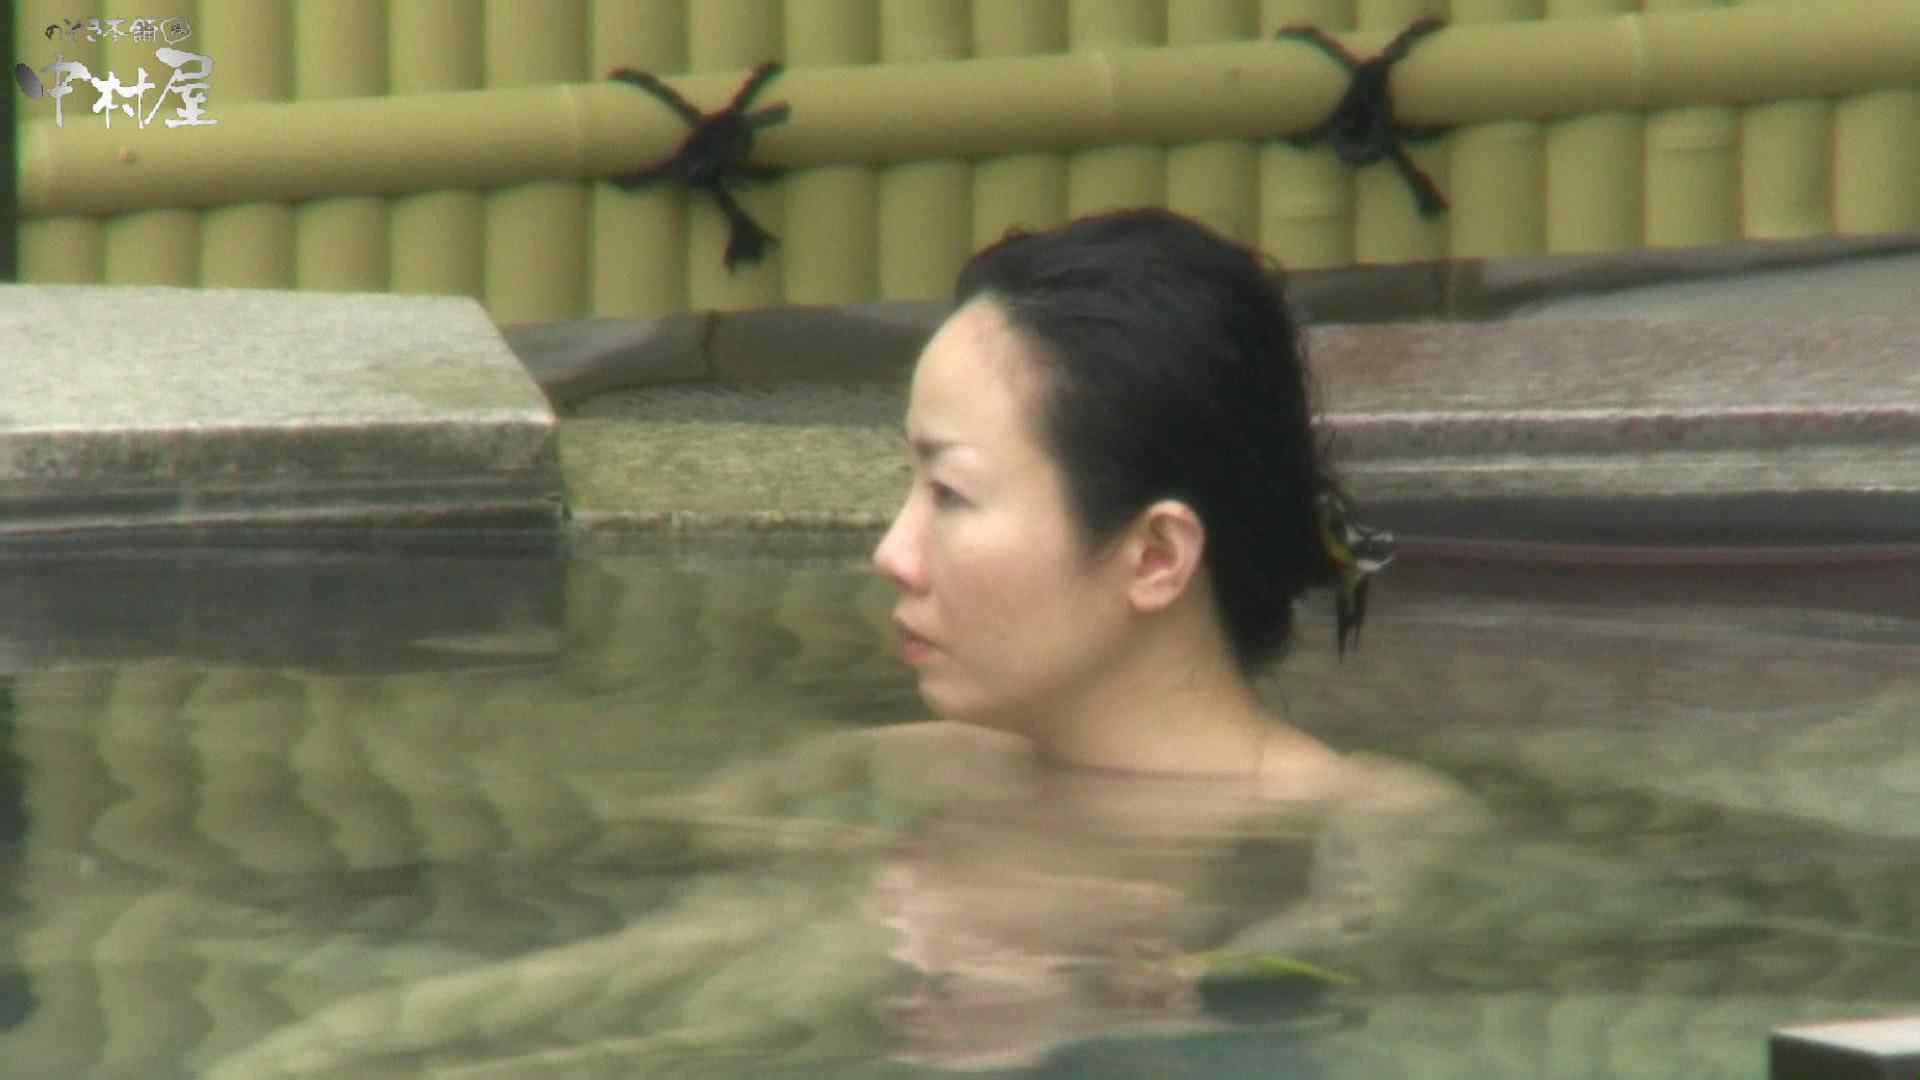 Aquaな露天風呂Vol.950 OLのエロ生活 覗きおまんこ画像 107連発 32